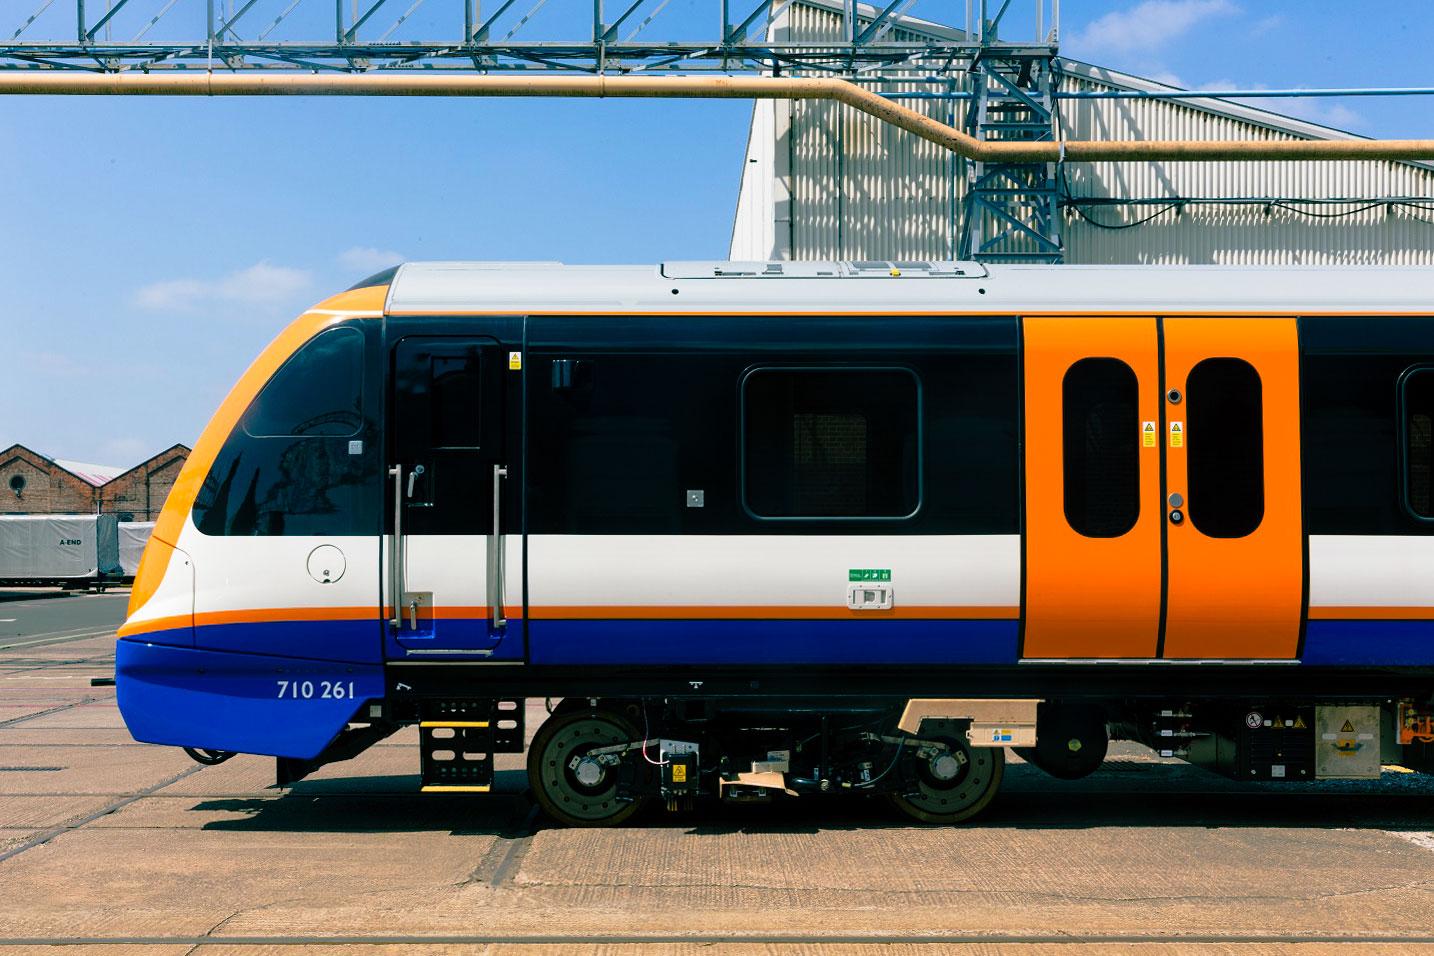 倫敦交通 11種交通工具全攻略:地上鐵Overground